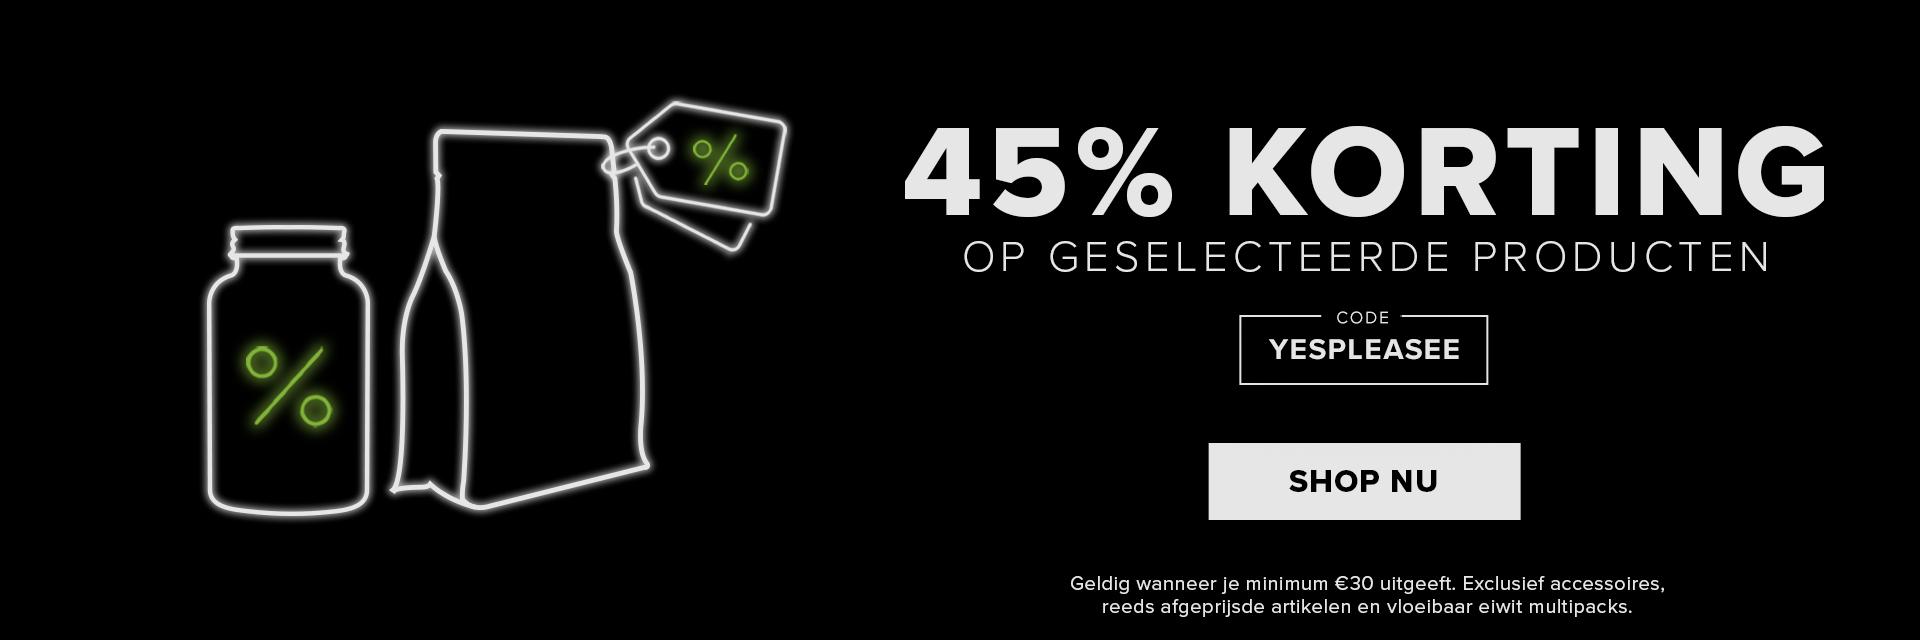 45% KORTING OP GESELECTEERDE PRODUCTEN